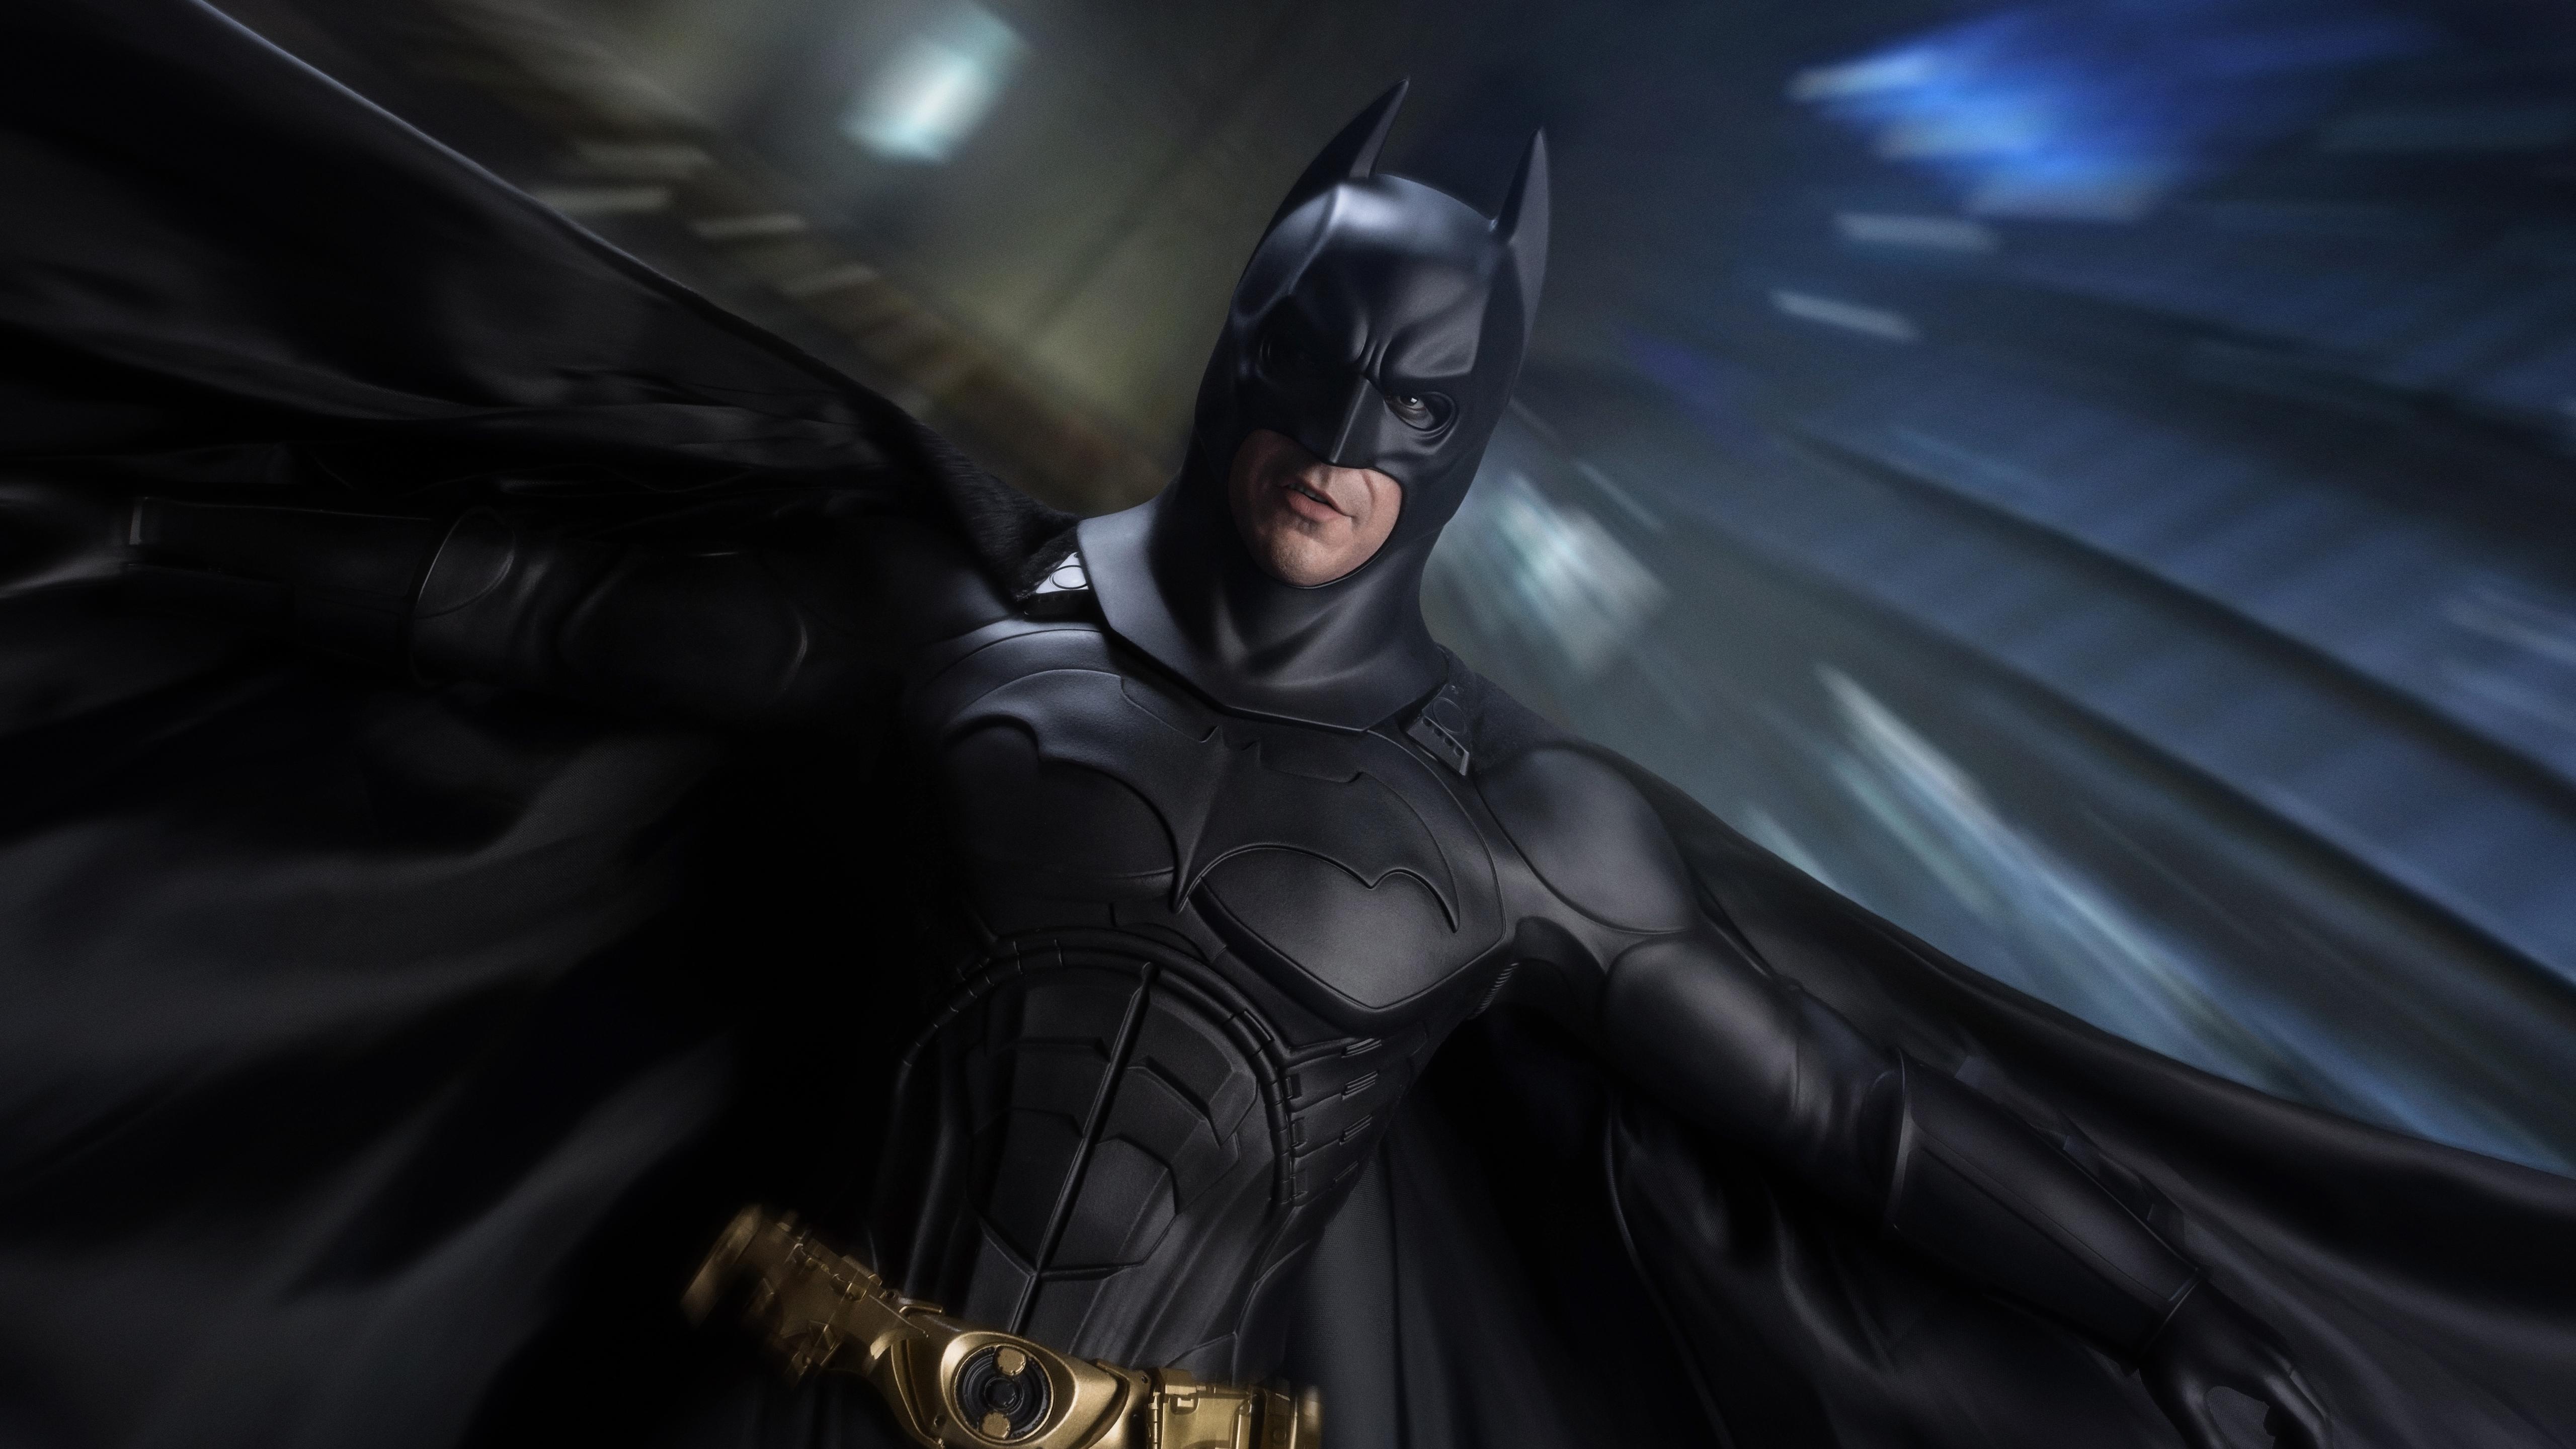 batman-dark-knight-5k-2020-w2.jpg